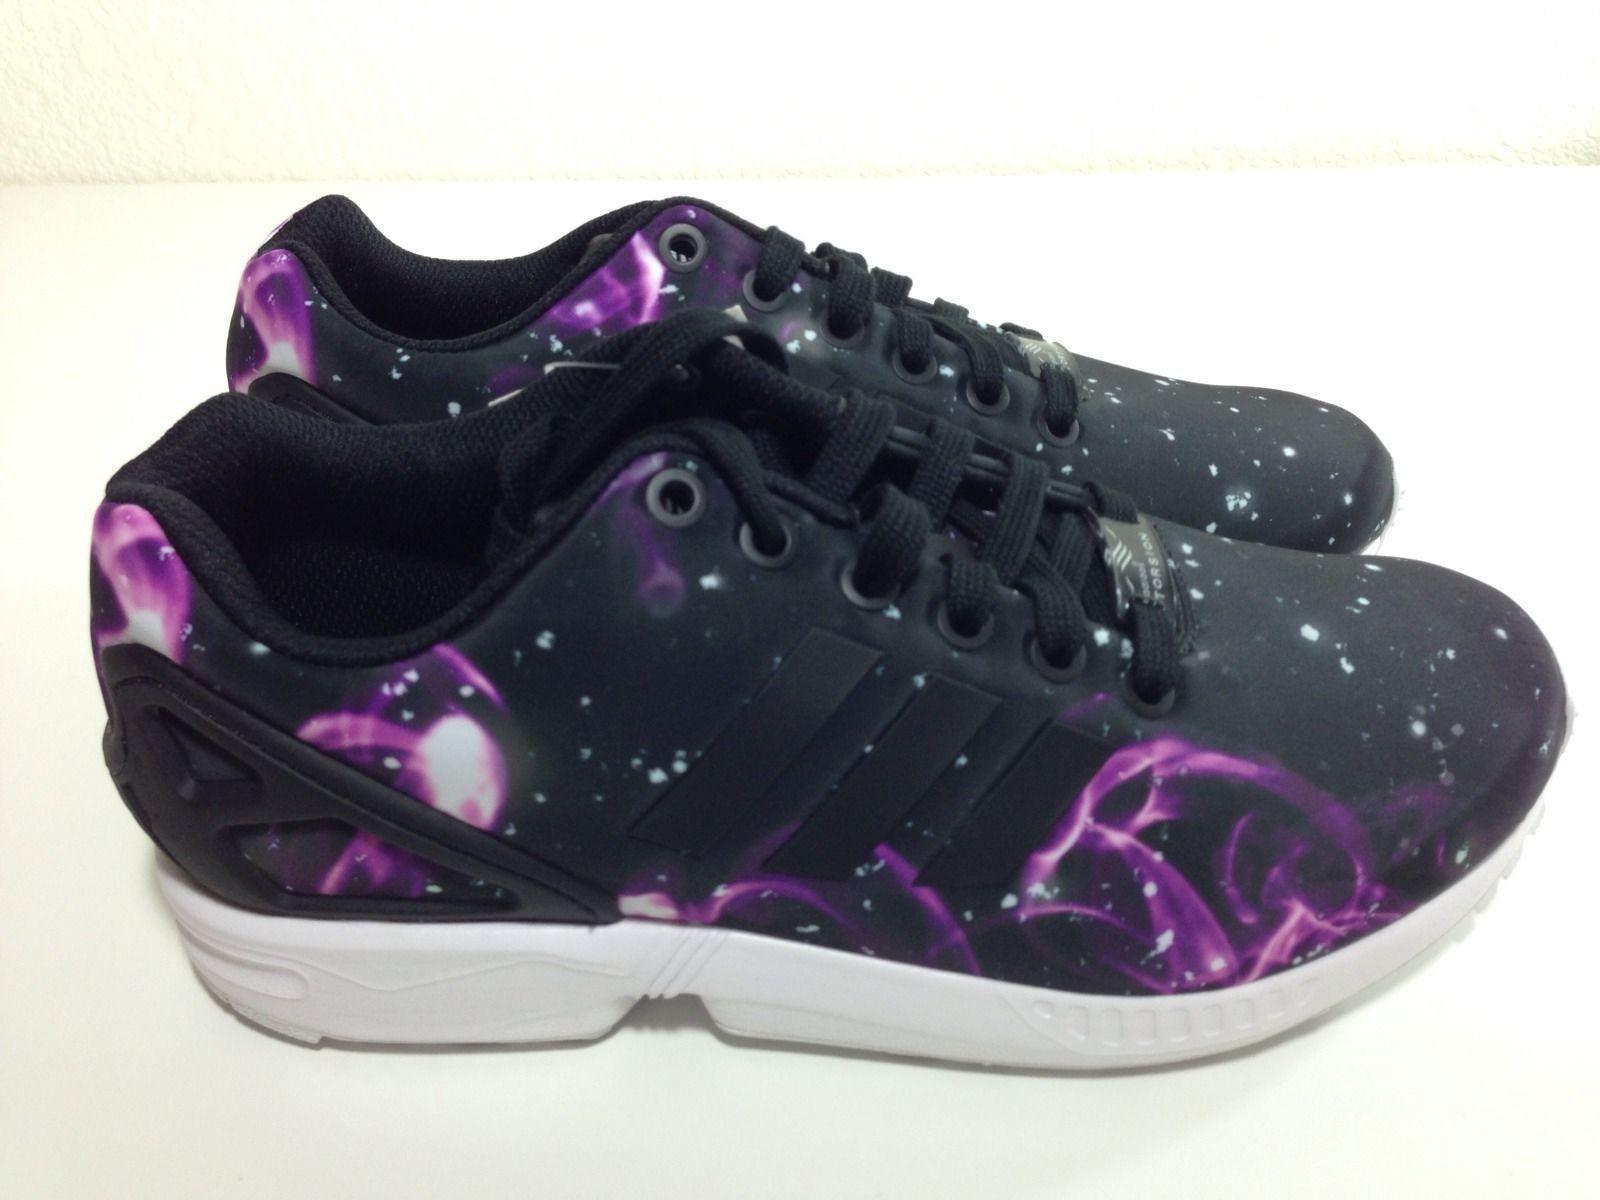 reputable site 57112 2280a ... run noir,vente en ligne pas cher adidas zx flux femme galaxy